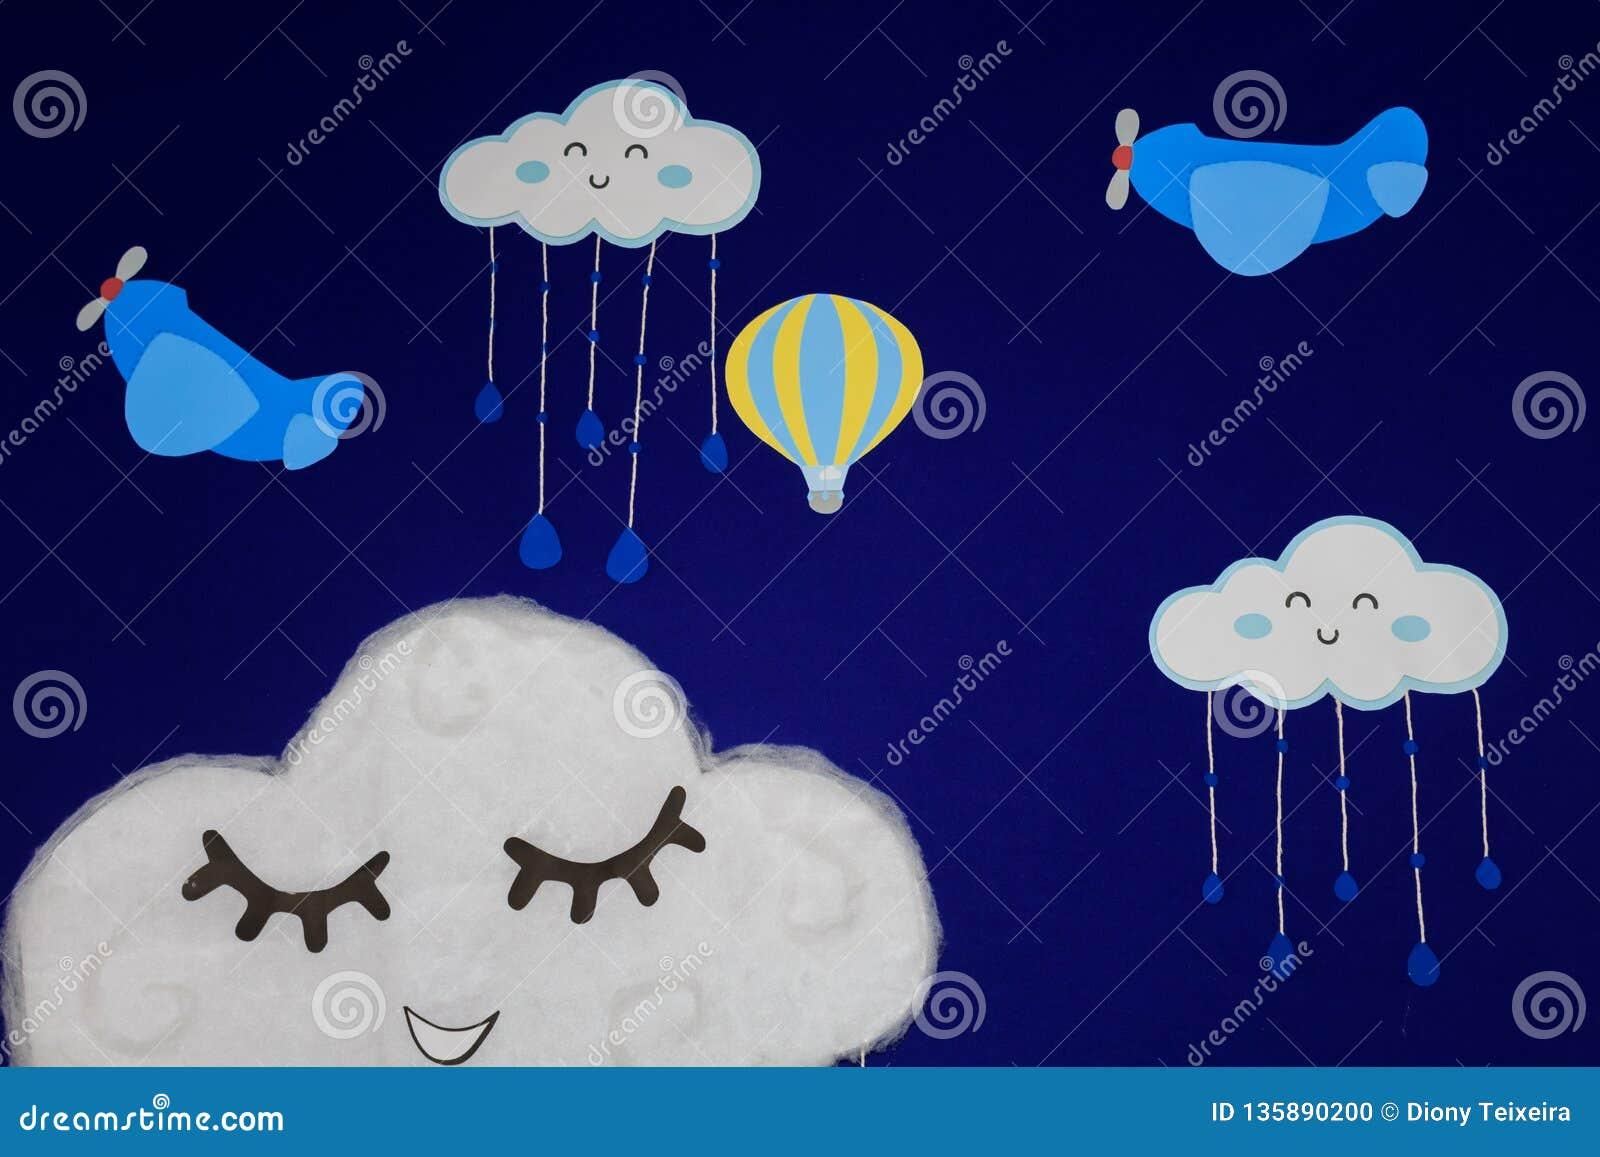 Tło dla przyjęcia urodzinowego, z samolotami, balonami i chmurami, ono uśmiecha się w pięknym niebieskim niebie